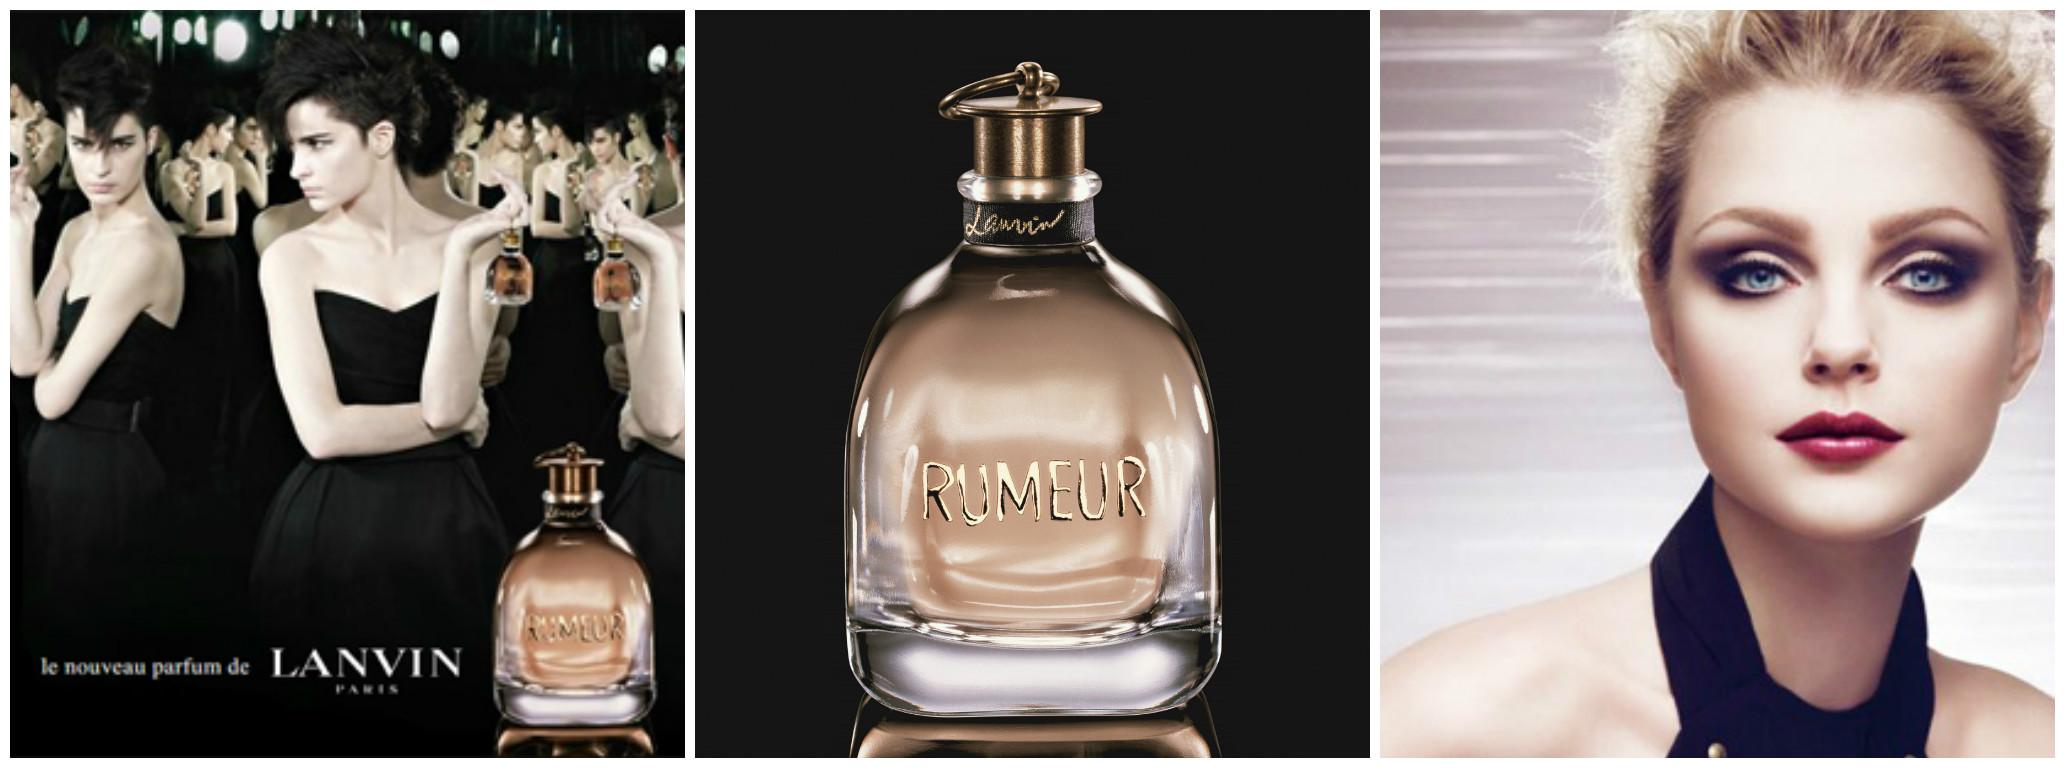 Lanvin Rumeur Perfume Review